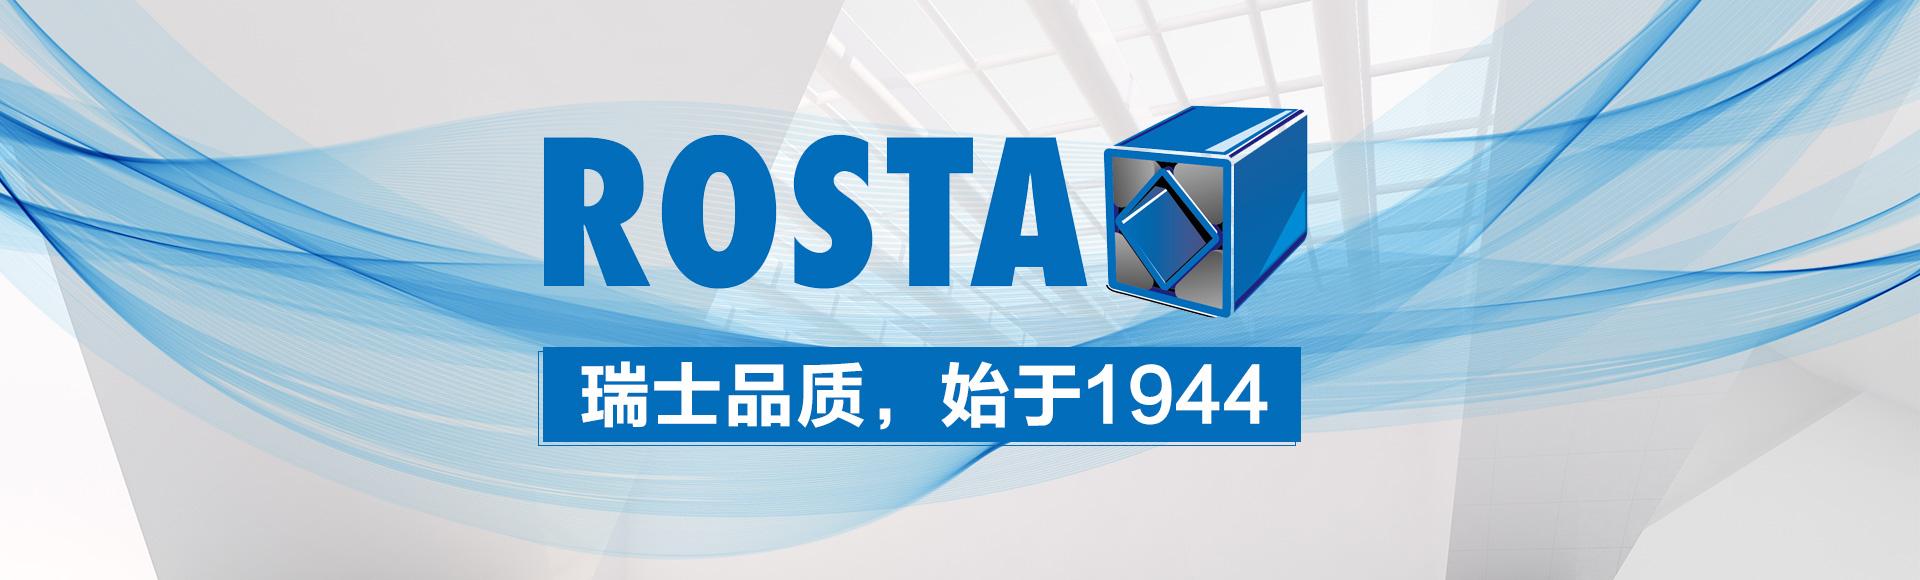 罗达减震技术(上海)有限公司rosta瑞士品质始于1944